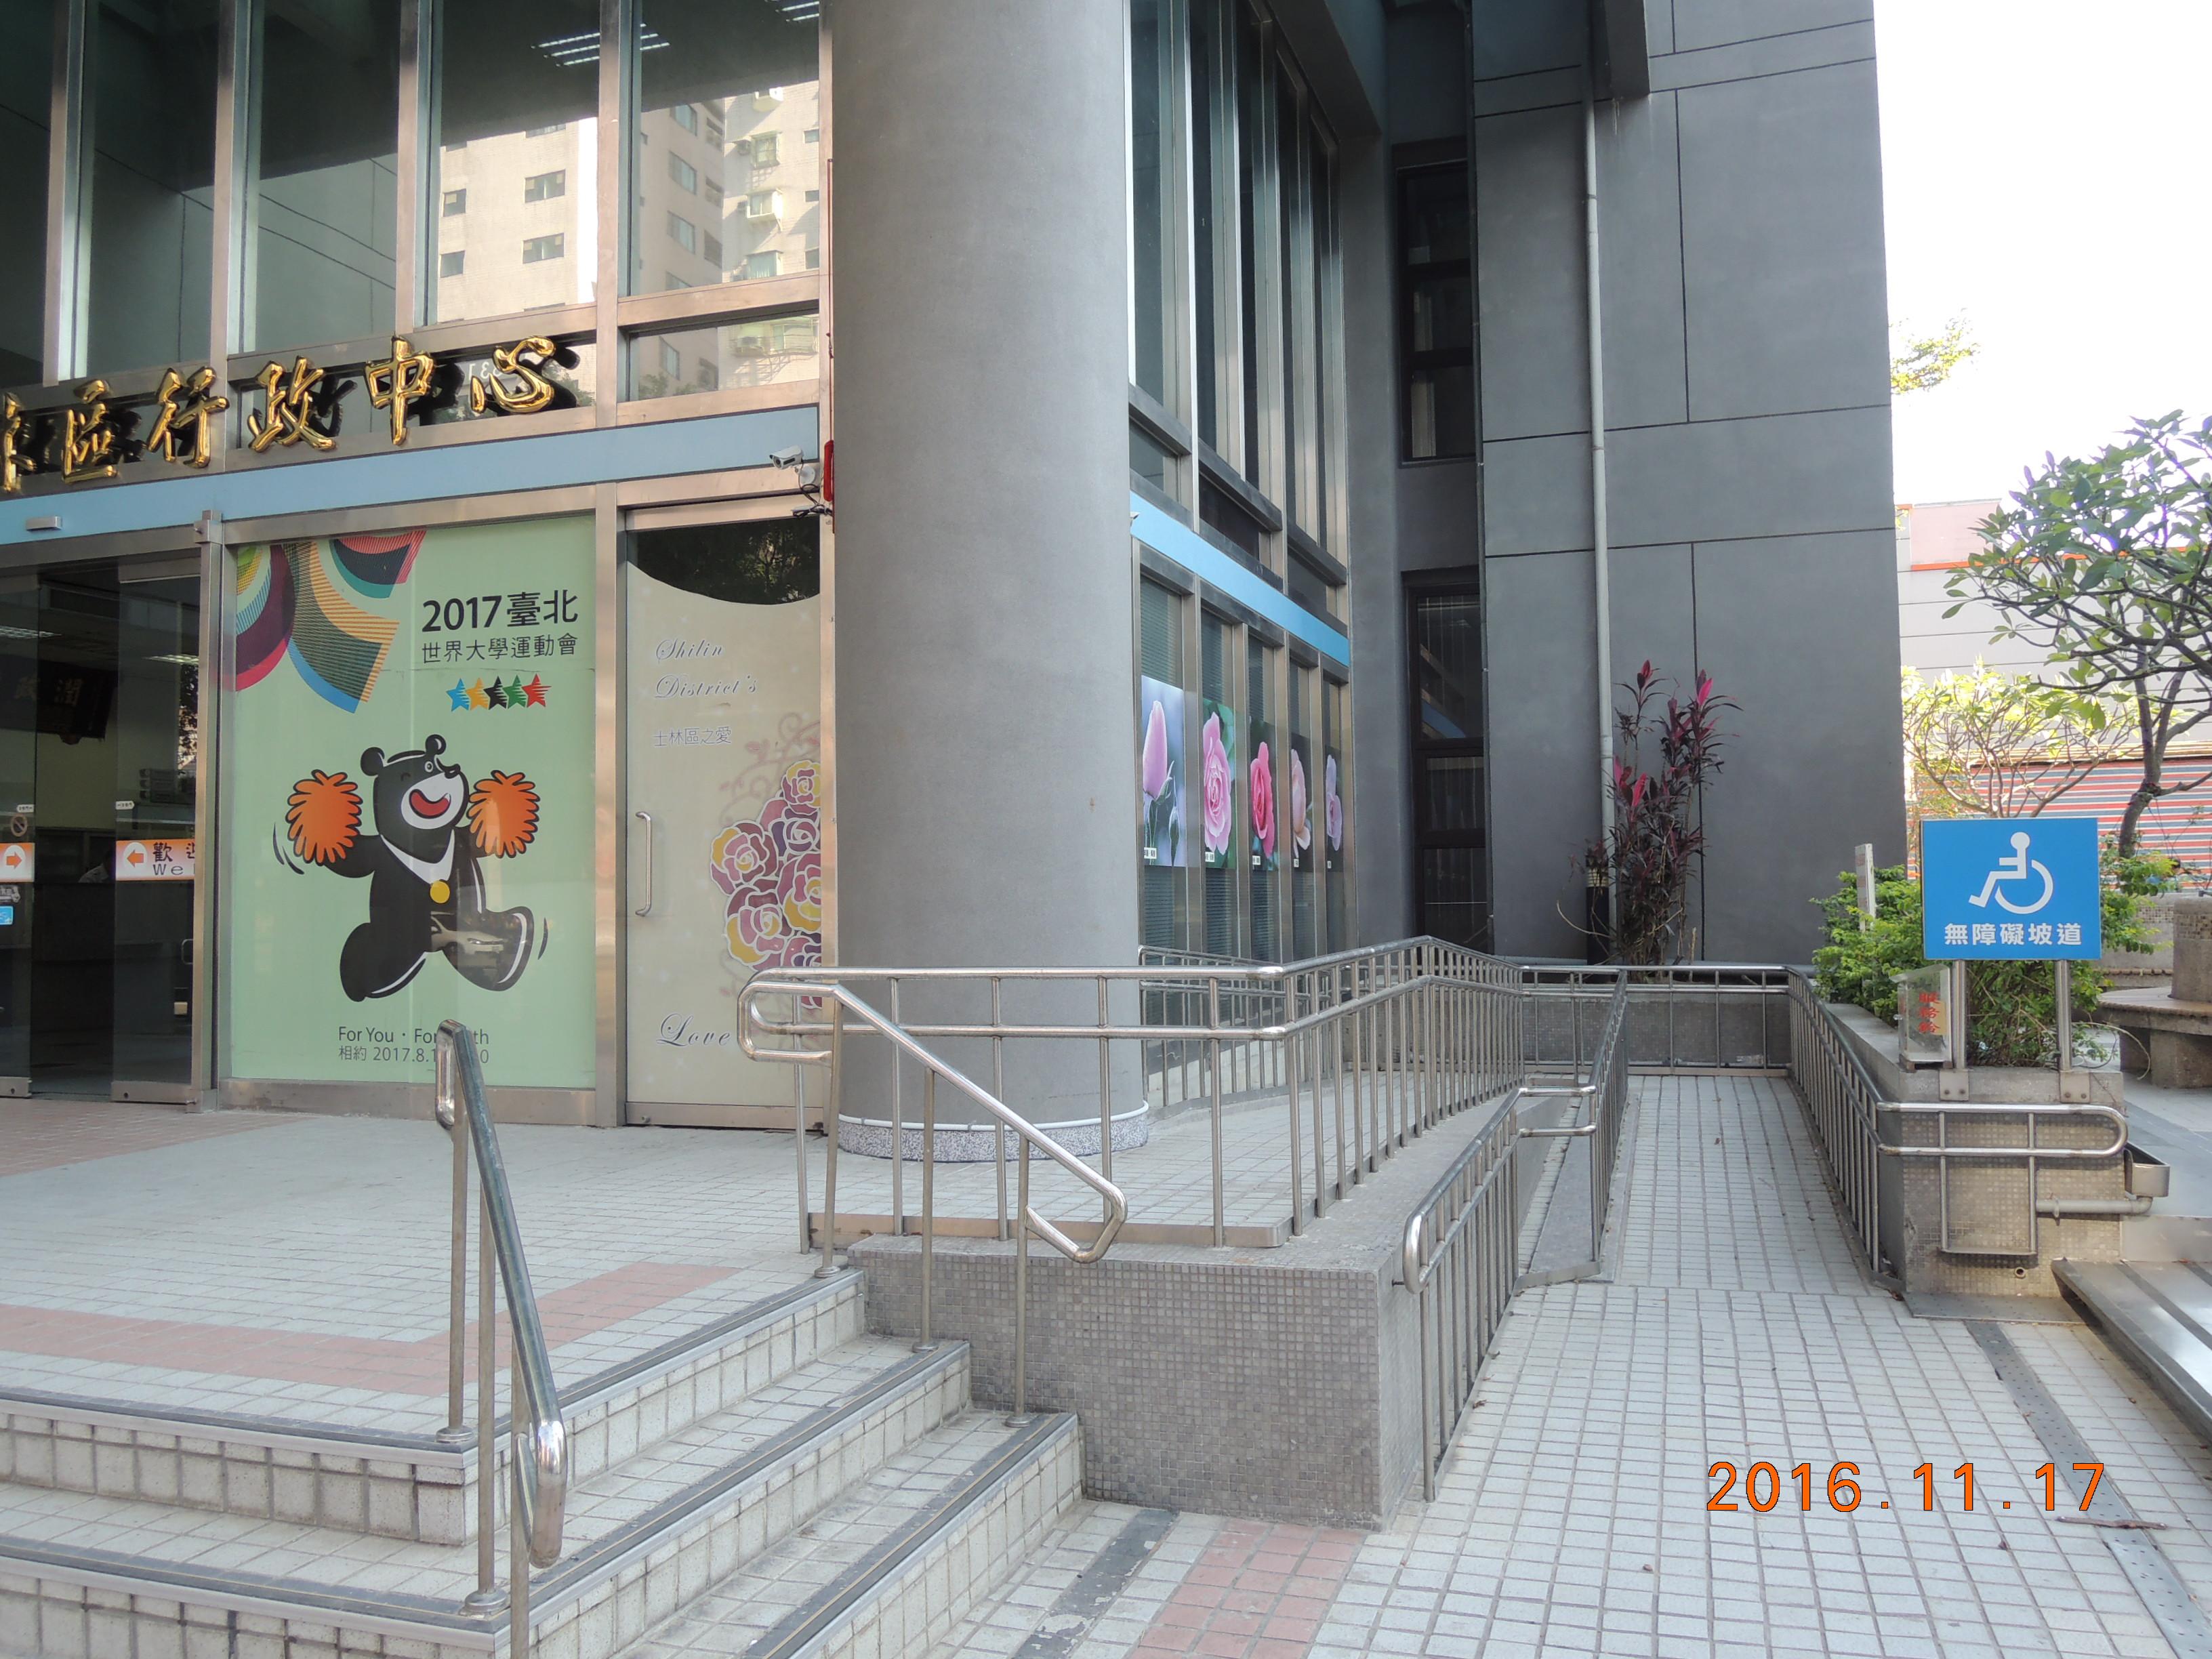 臺北市士林區行政中心無障礙坡道(照片播放區)